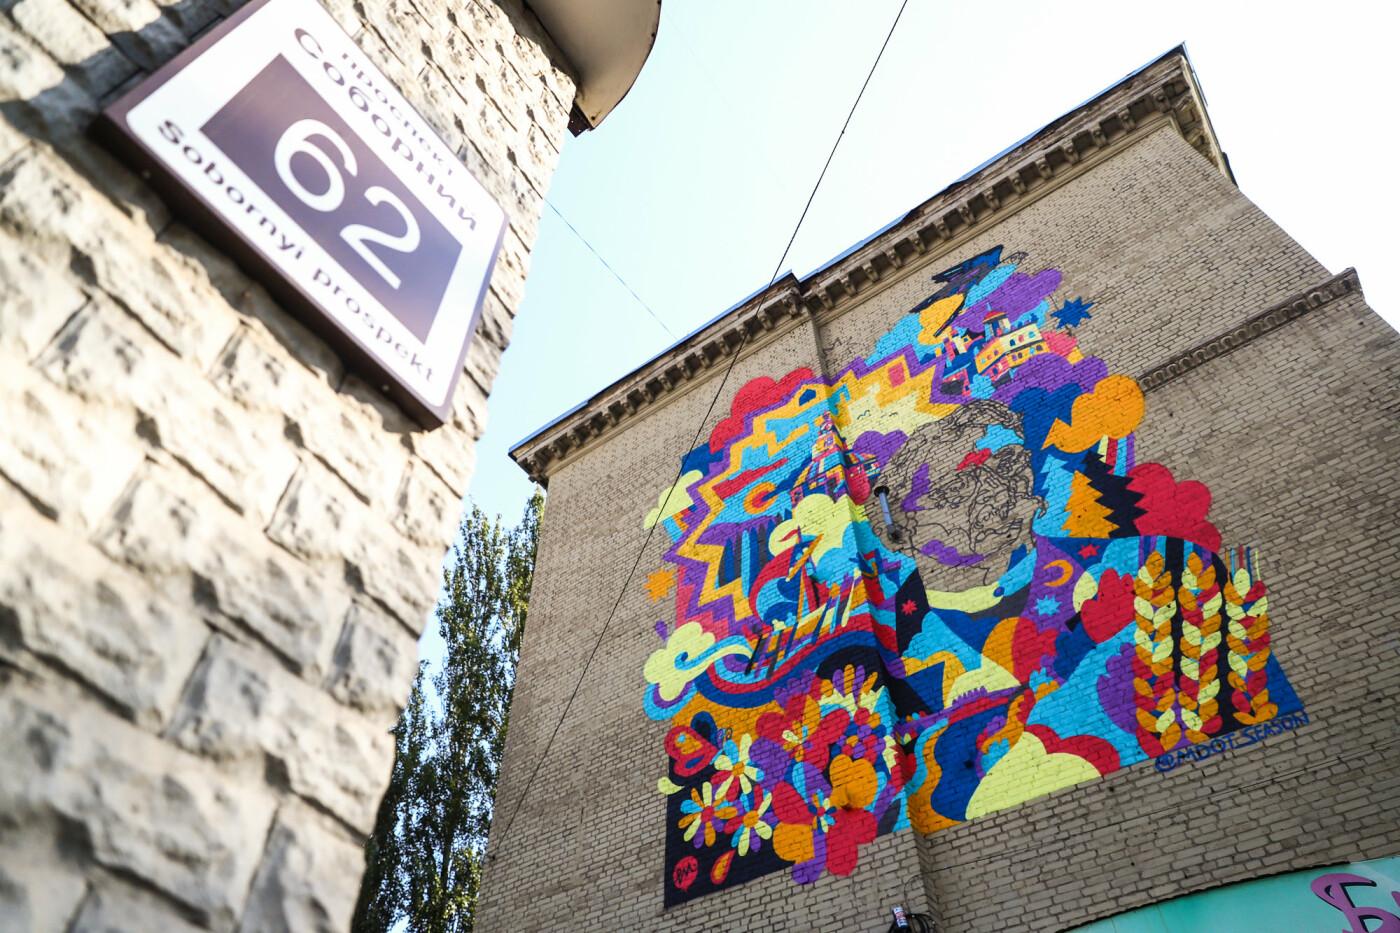 Художник из Нью-Йорка нарисовал мурал к 250-летию Запорожья - ФОТОРЕПОРТАЖ , фото-10